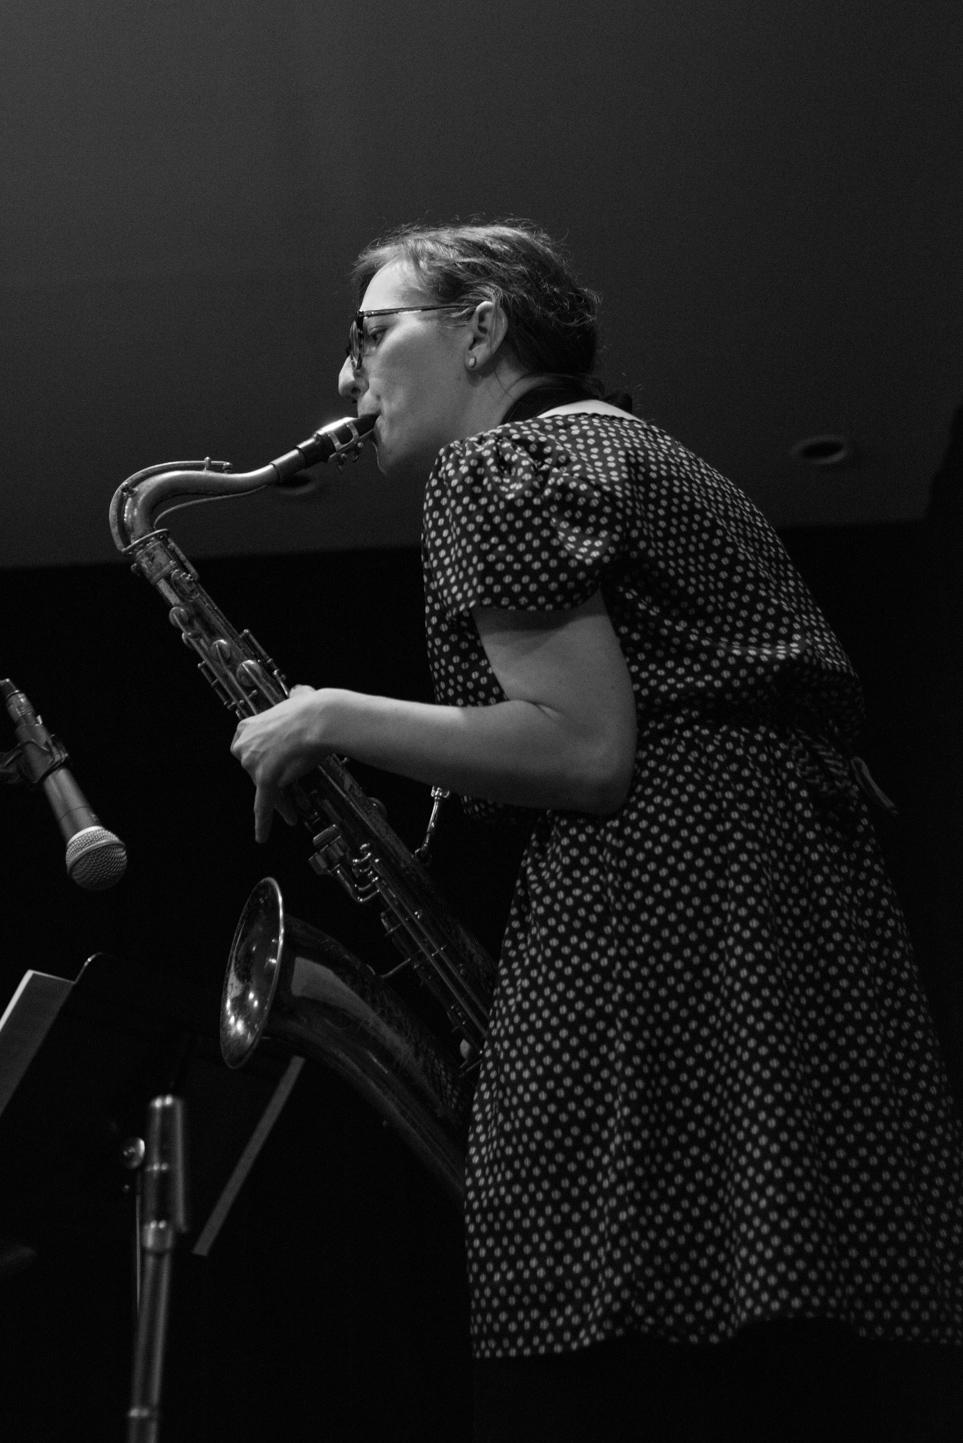 Anna Webber, 2017